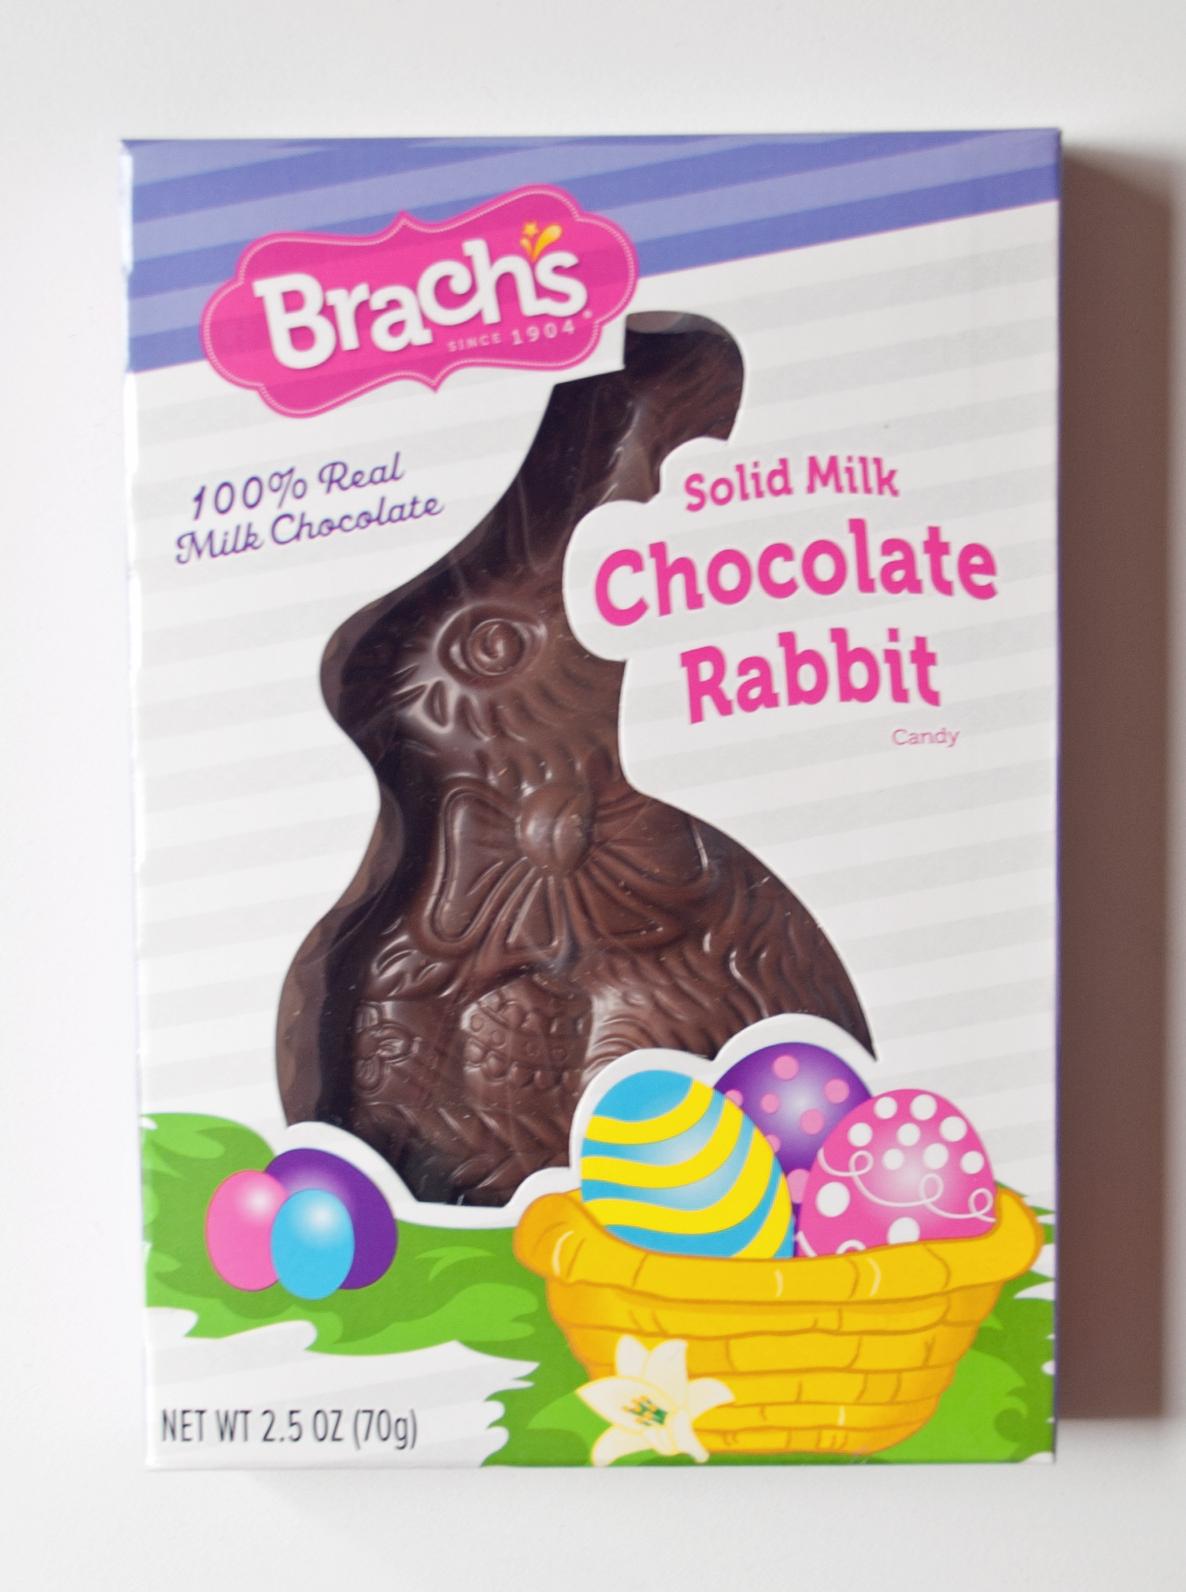 Brach's Solid Milk Chocolate Rabbit